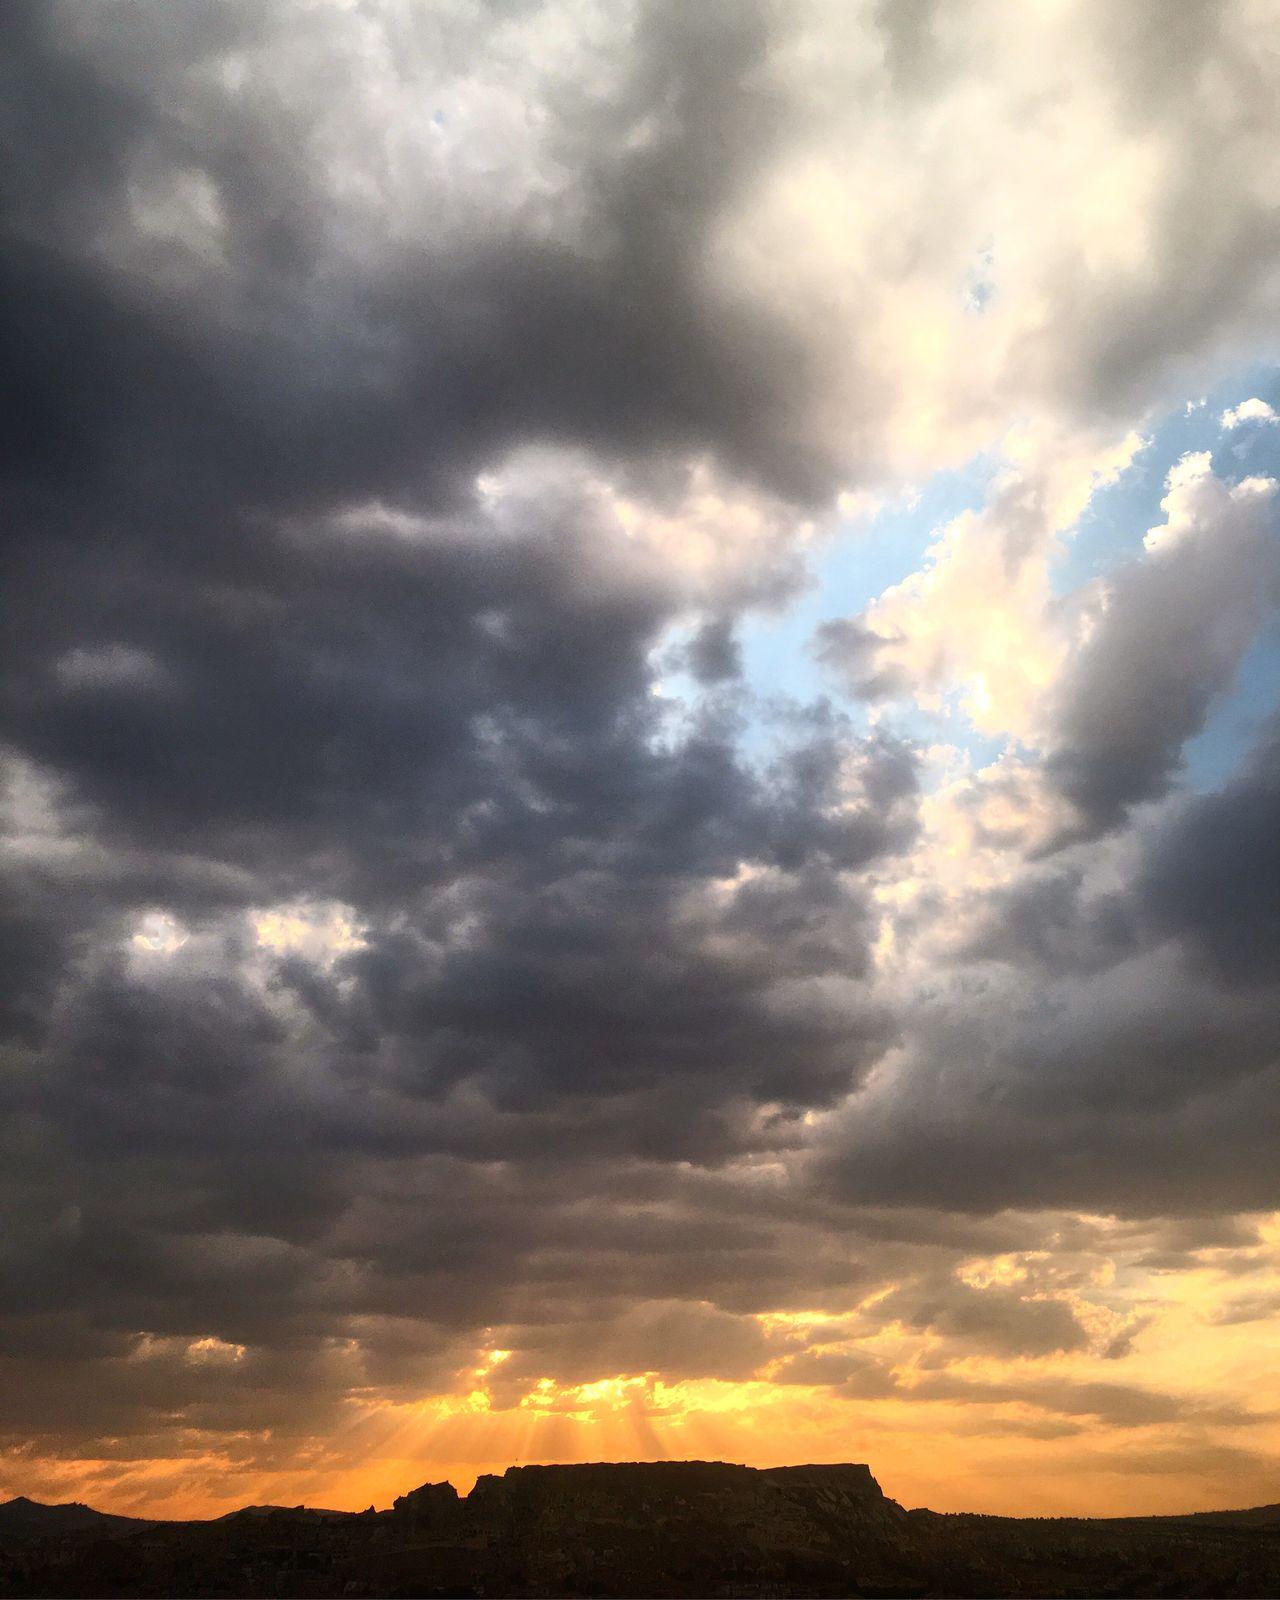 Googevening Iyiaksamlar Landscape Cloud Clouds Cloudscape Skyporn ürgüp Sun Sunset Sunshine IPhoneography